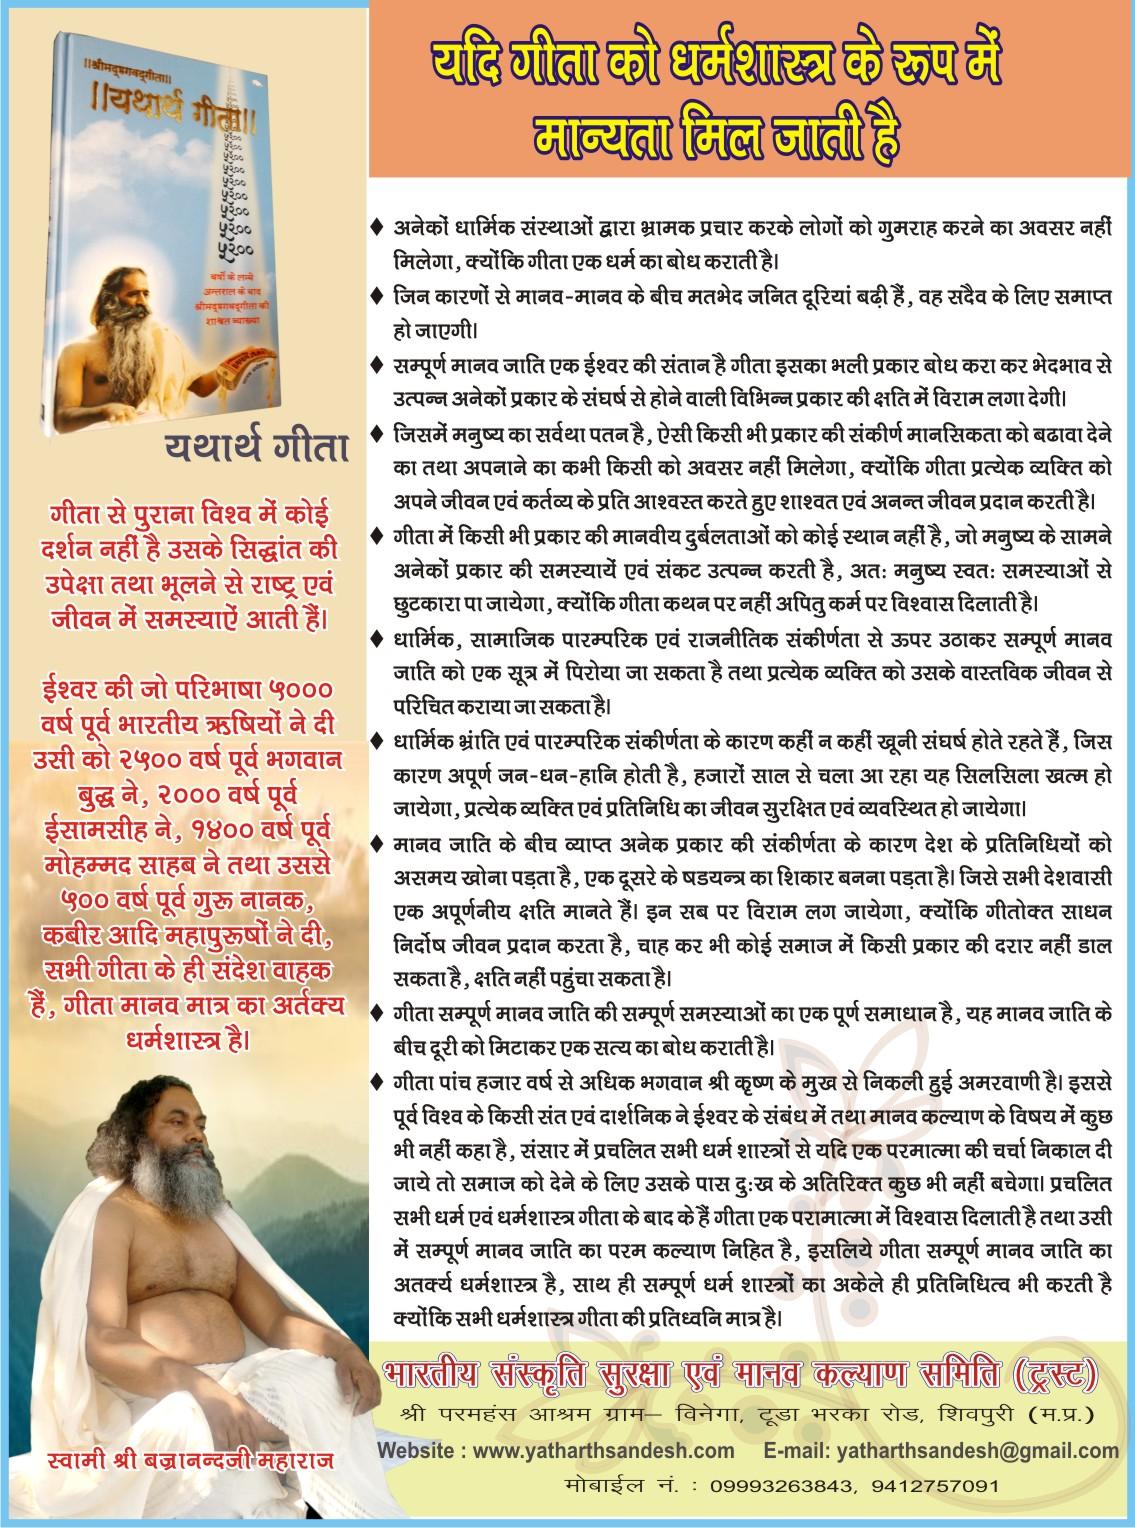 यदि गीता को धर्मशास्त्र के रूप मैं मान्यता मिल जाती है !